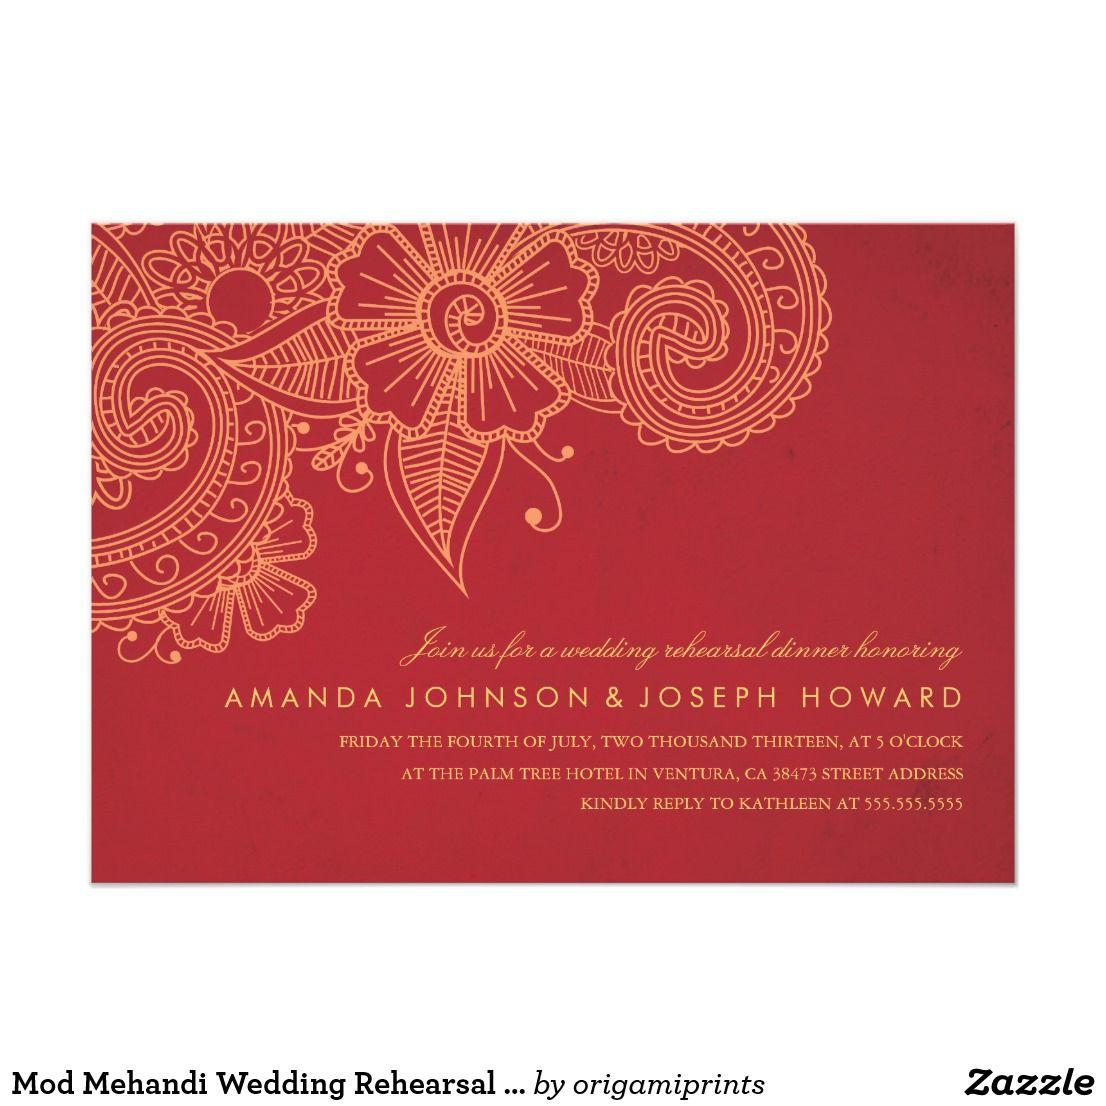 Mod Mehandi Wedding Rehearsal Dinner Invite | Pinterest | Rehearsal ...